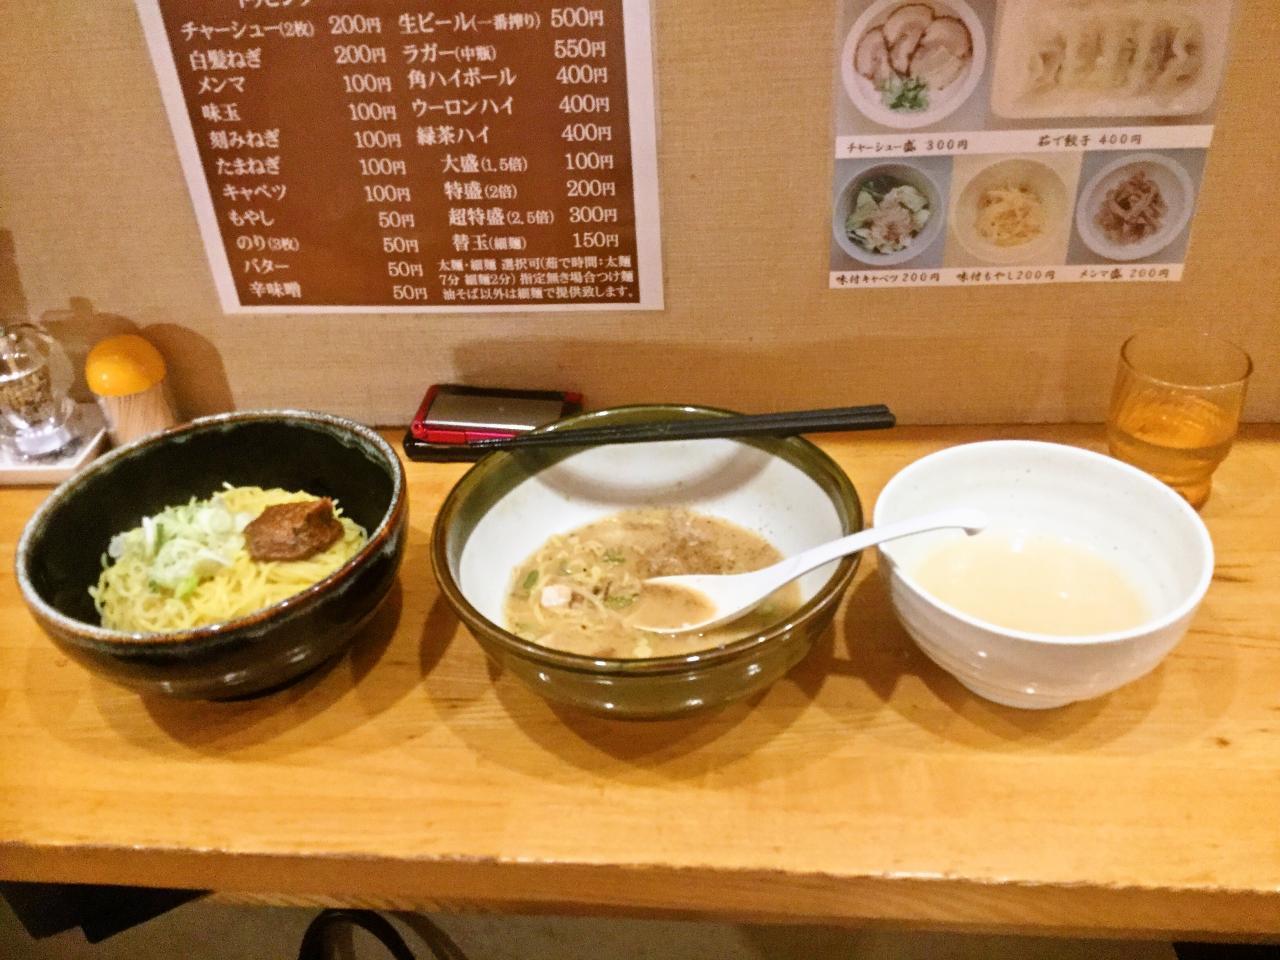 つけ麺 豚野郎(味噌らーめん)